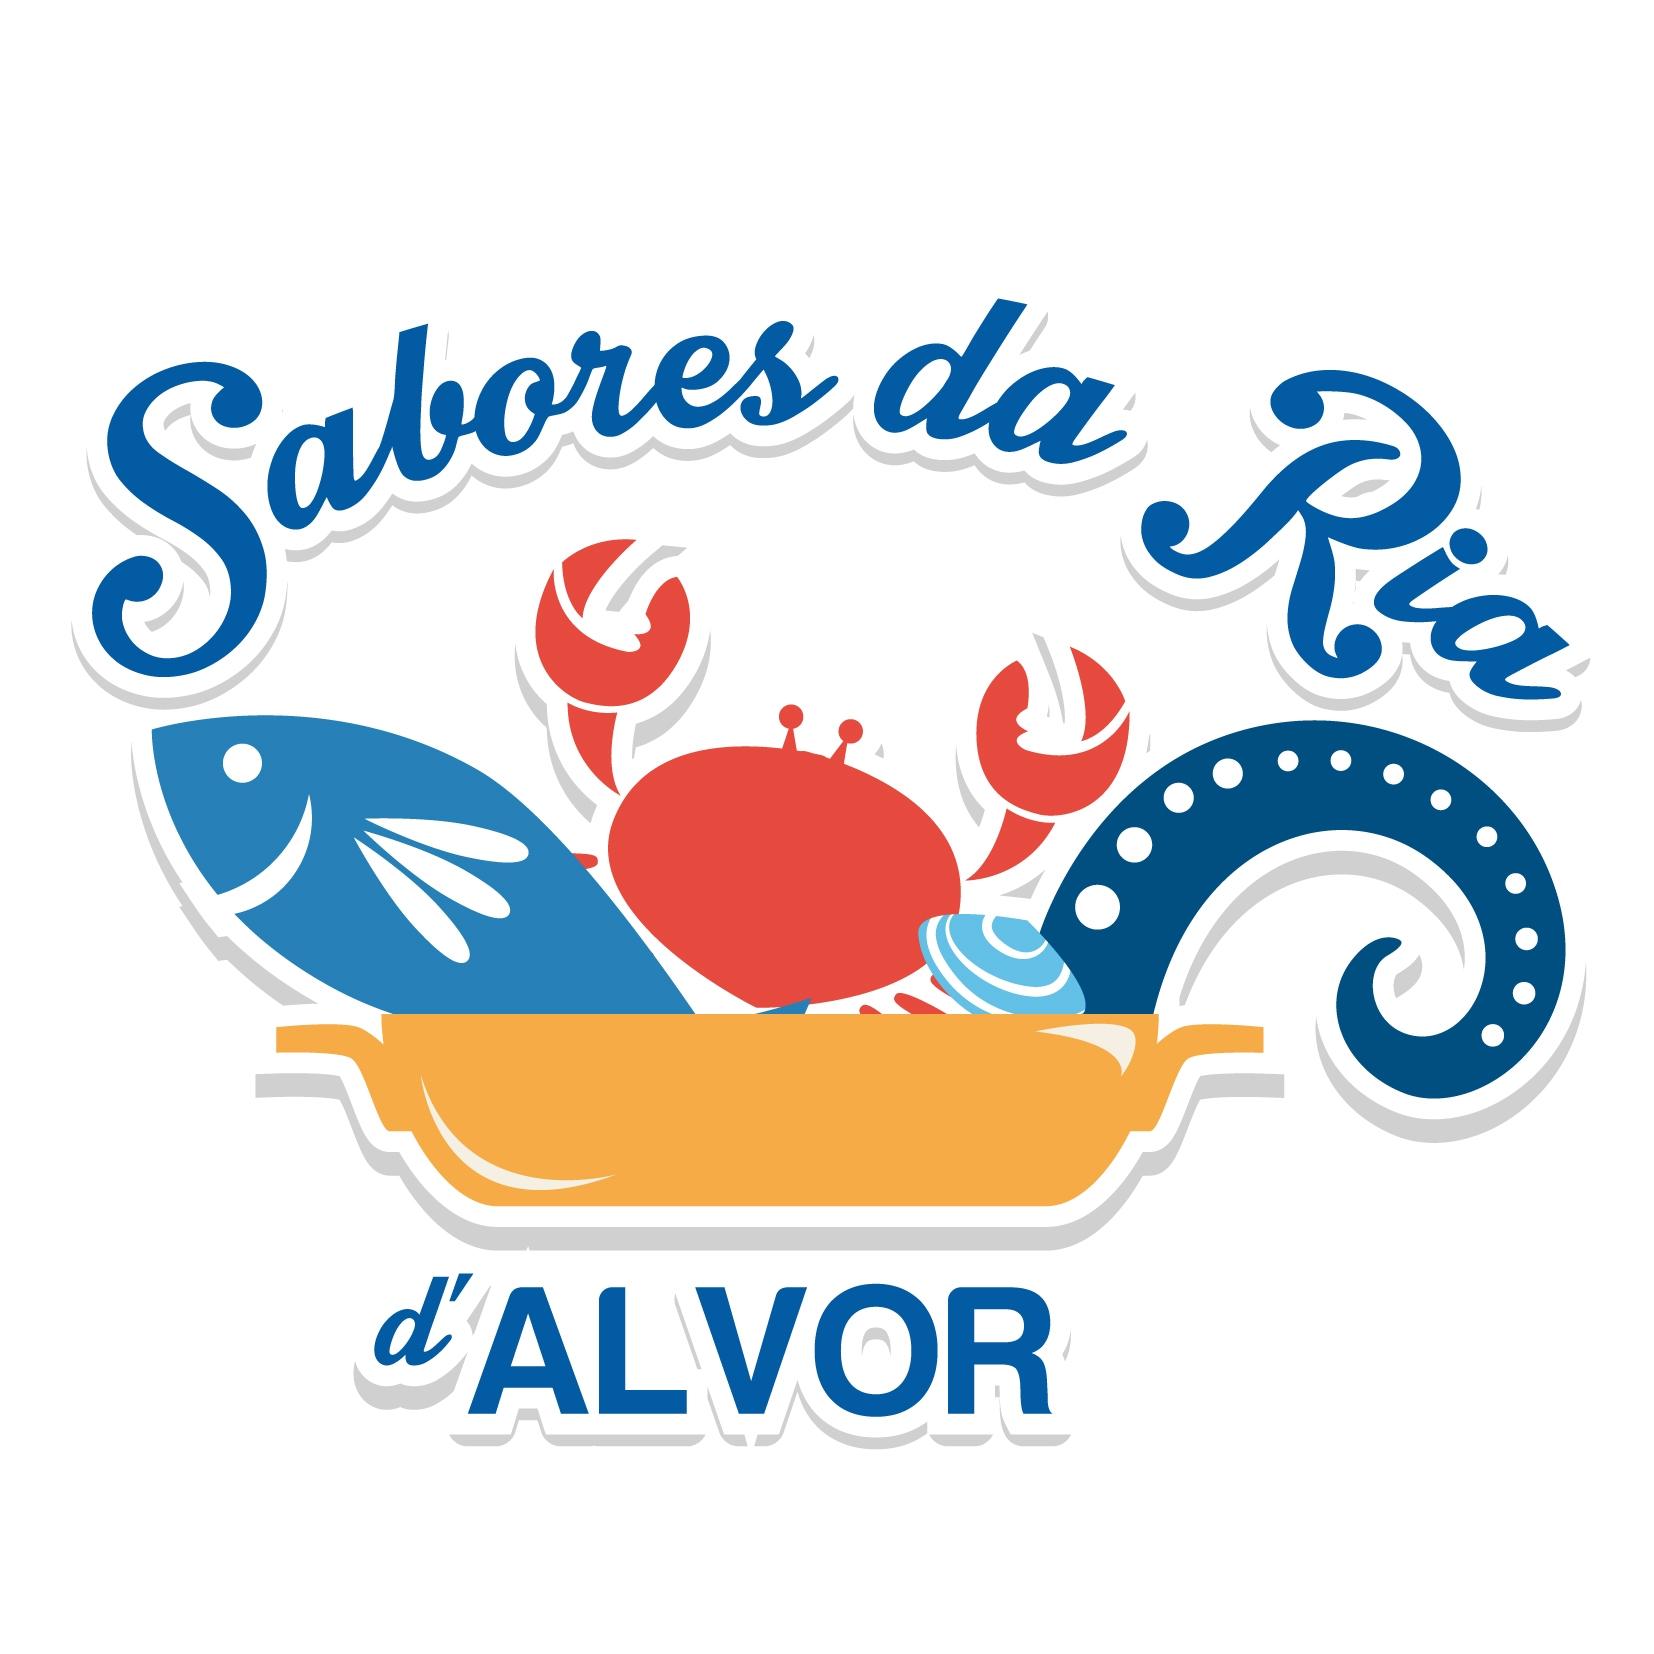 Logo_SaboresDaRiaAlvor